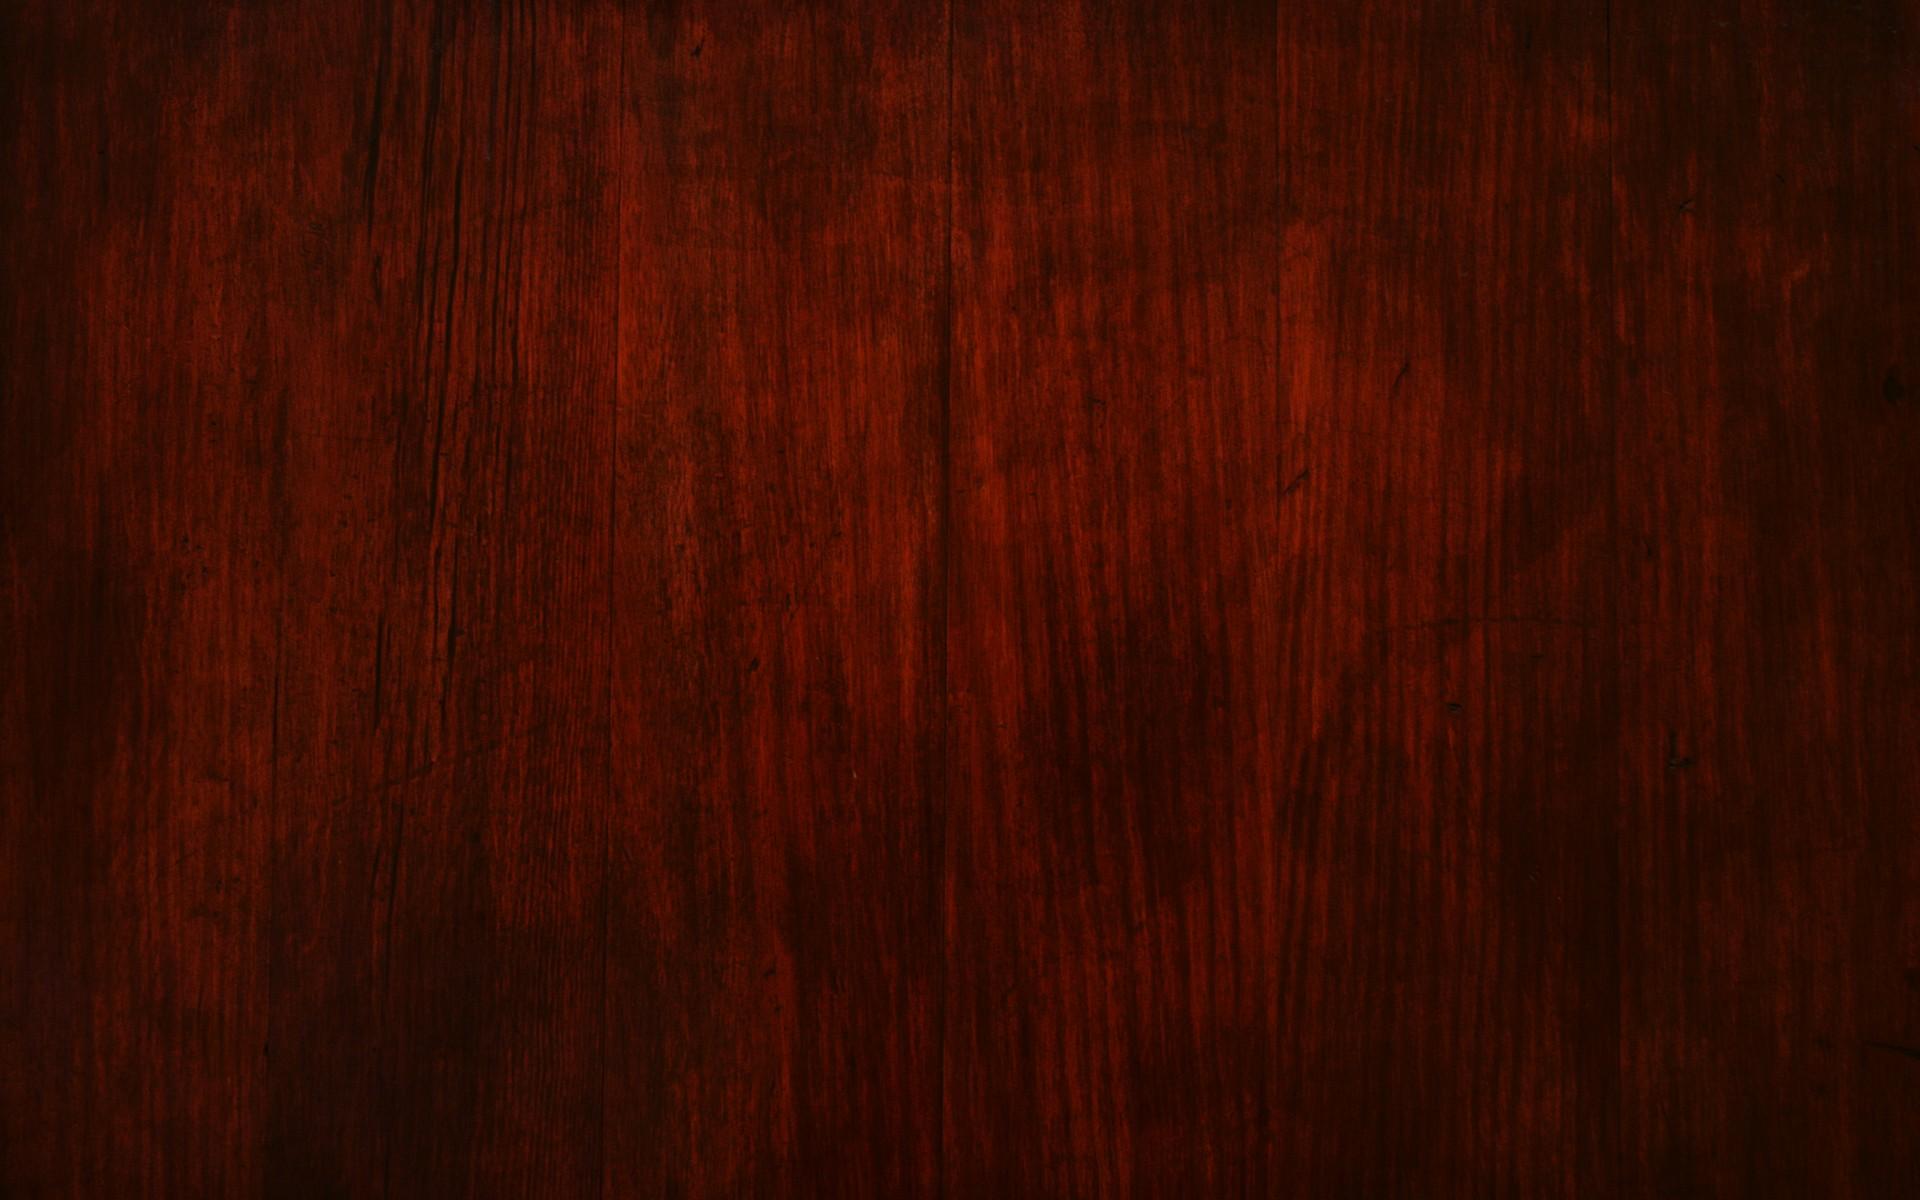 Rot Holz Braun Textur Stock Hartholz Bodenbelag Holzboden Holzbeize  Laminatboden